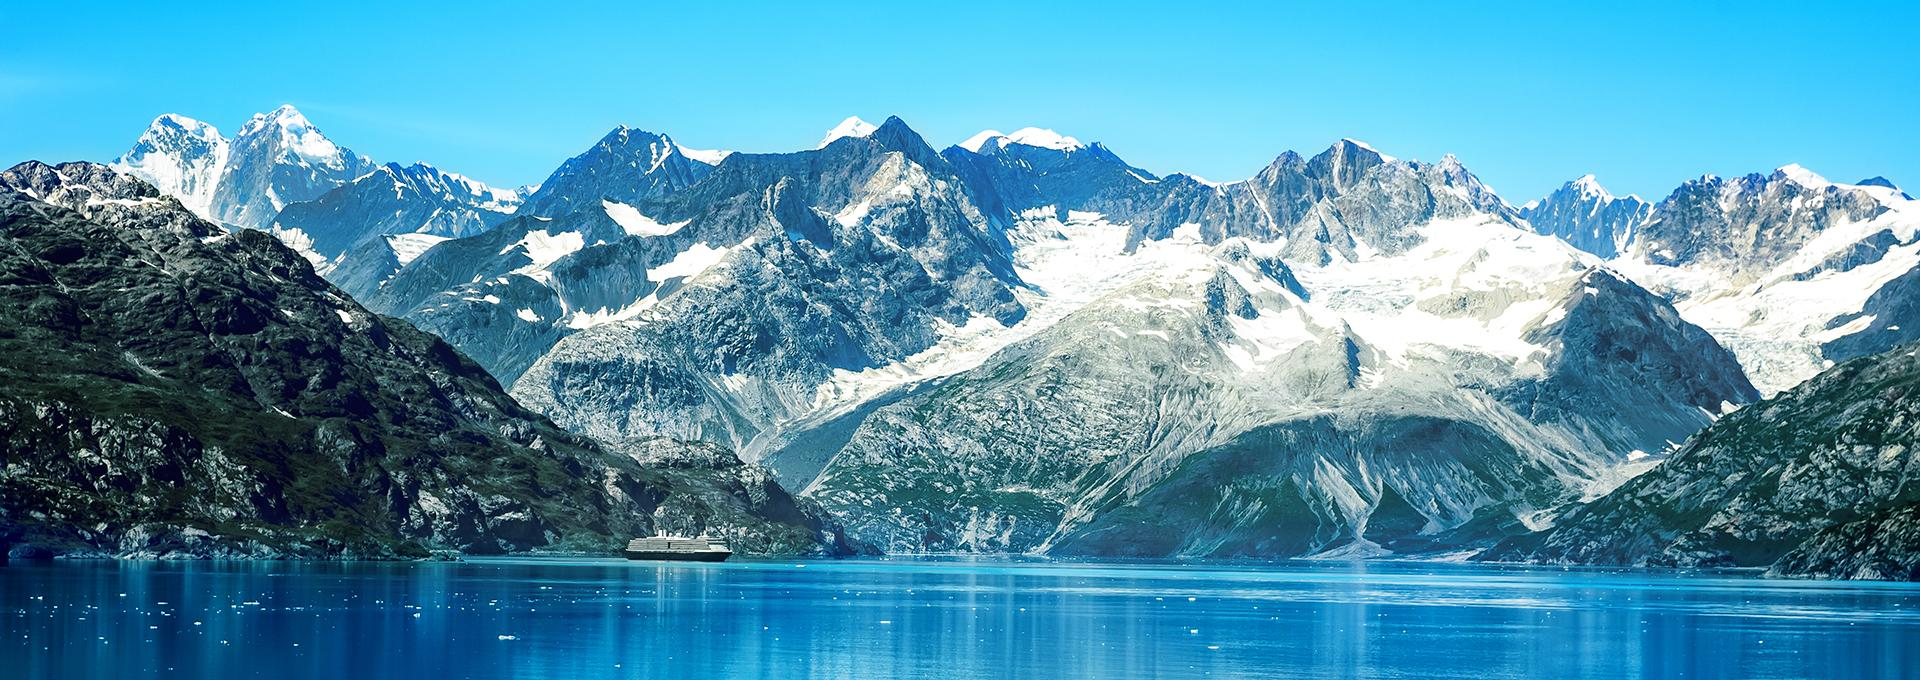 Incredible view of a glacier in Alaska